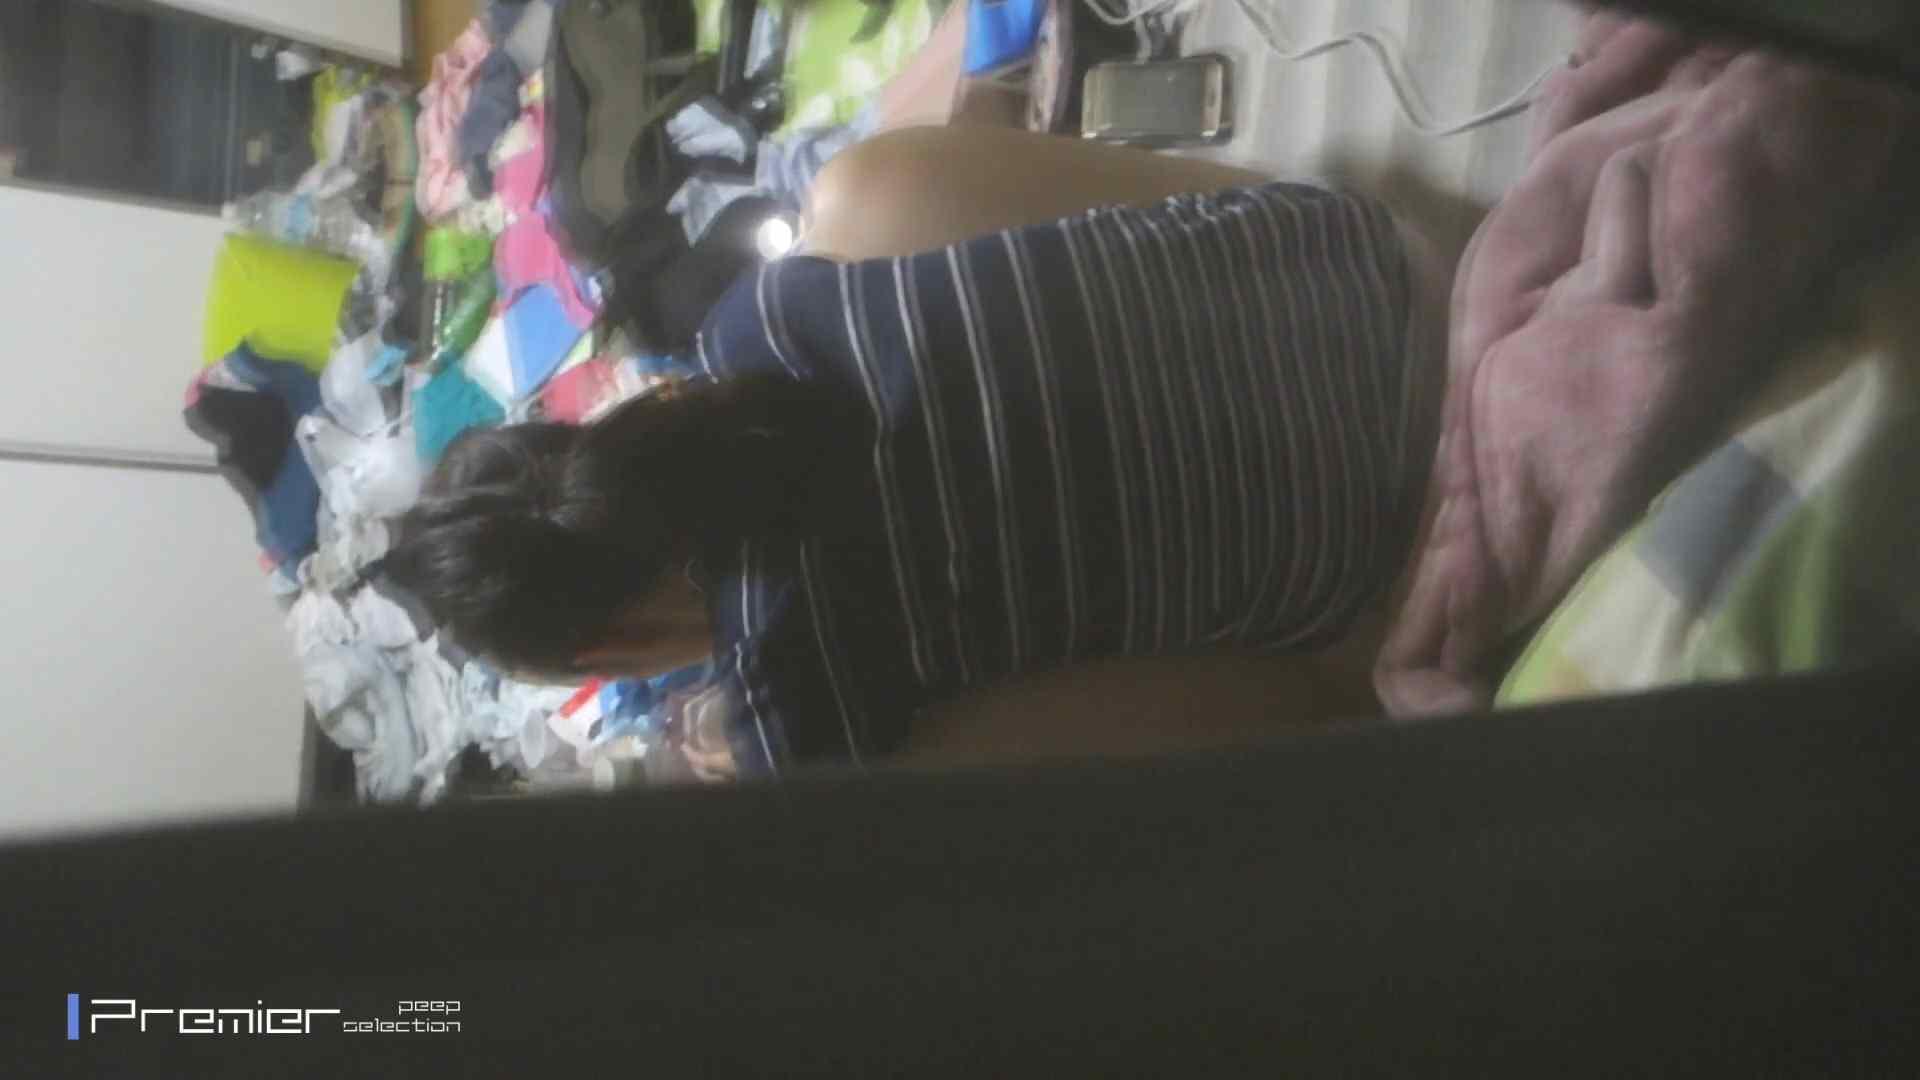 美女達の私生活に潜入!ミスキャンパスの私生活 他 1 名 細身女性 セックス画像 64画像 49